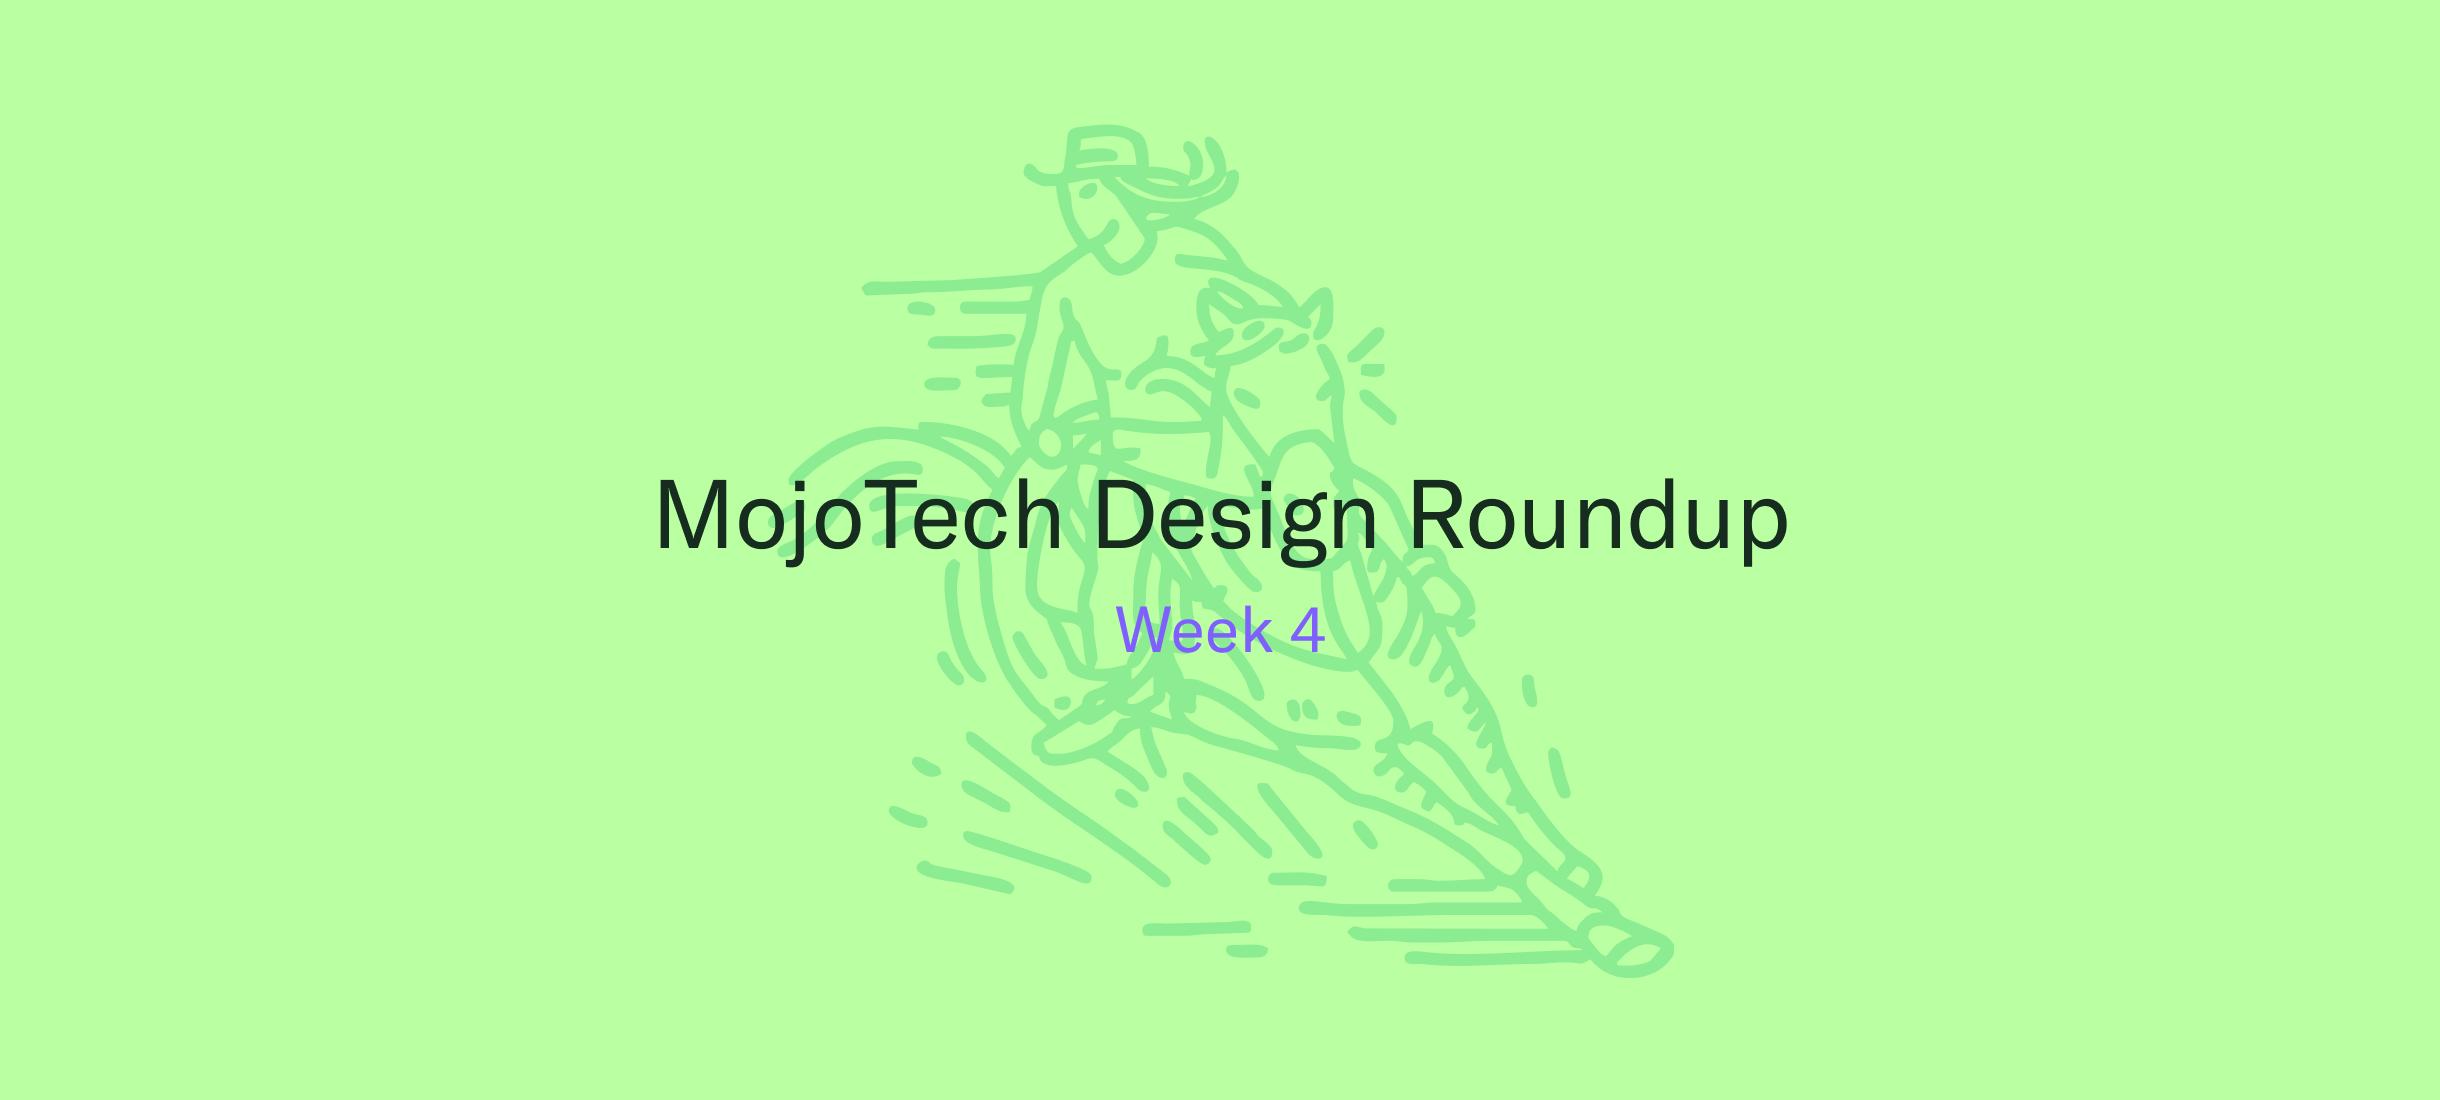 MojoTech Design Roundup week 4